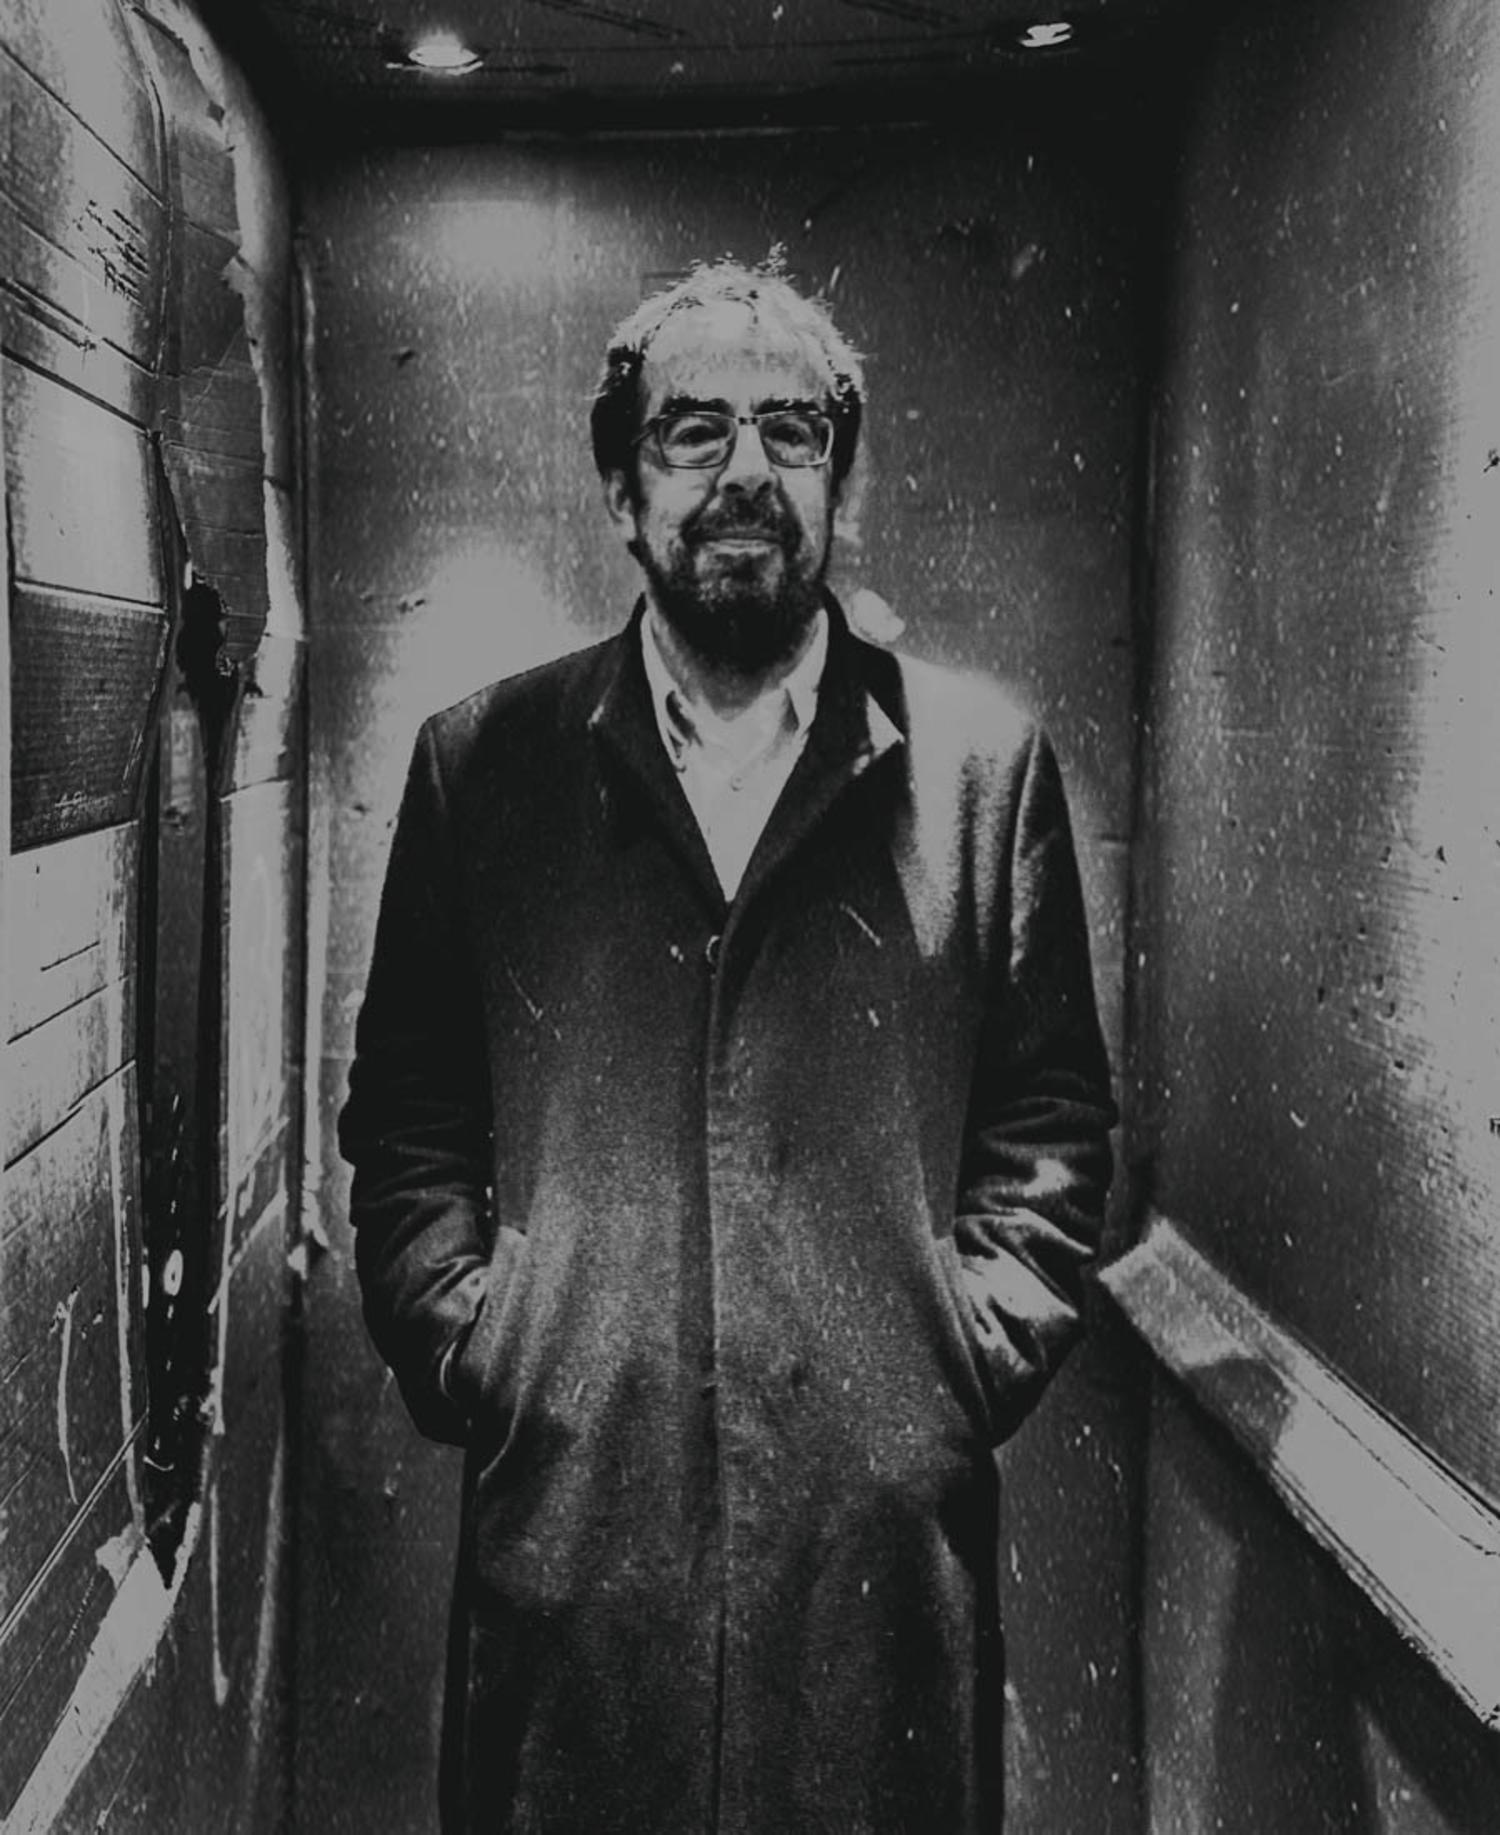 Retrato de Andoni Alonso realizado por Jone Arzoz para El Salto.